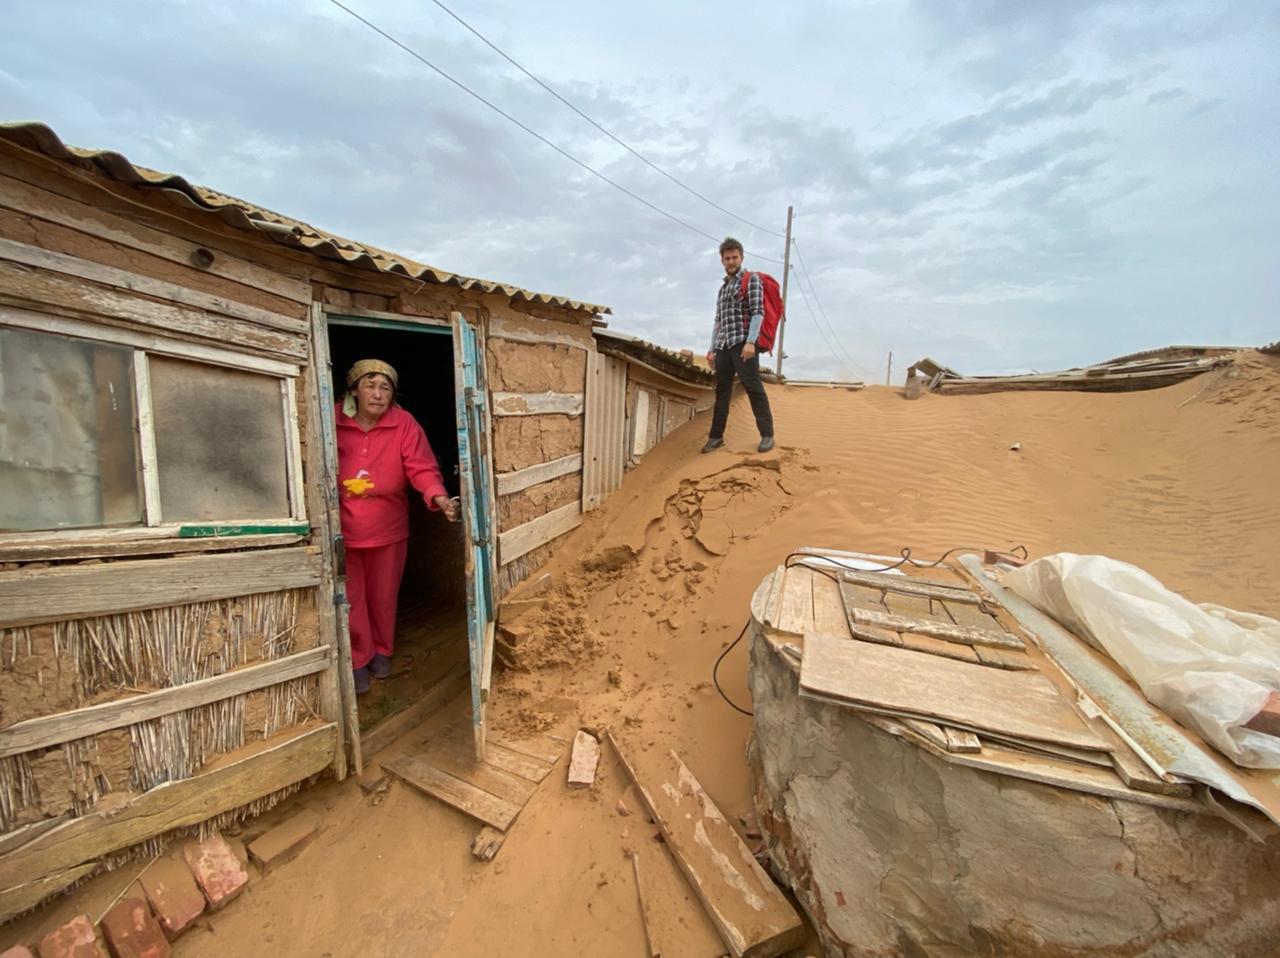 Видеоблогер сравнил Астраханскую область по уровню развития с Африкой